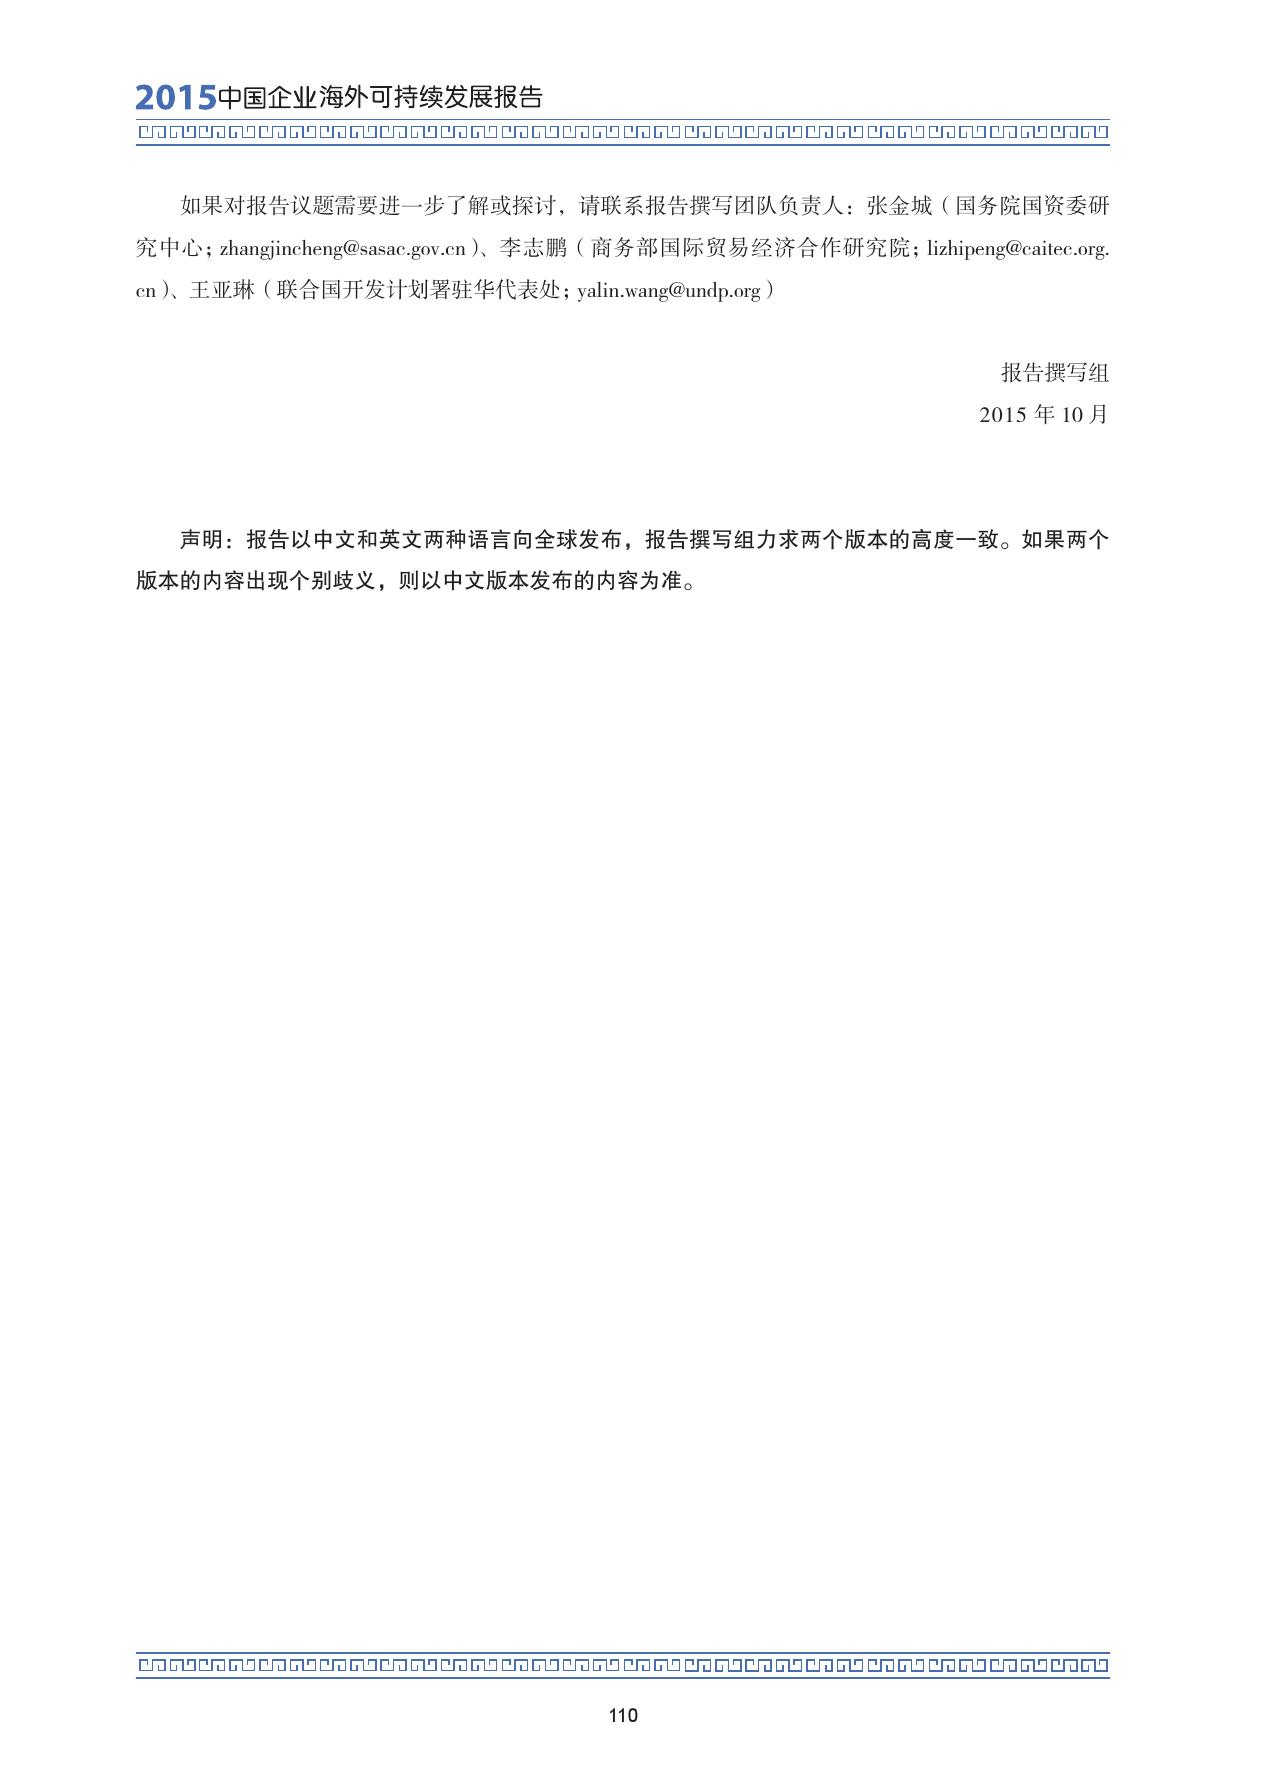 2015中国企业海外可持续发展报告_000124